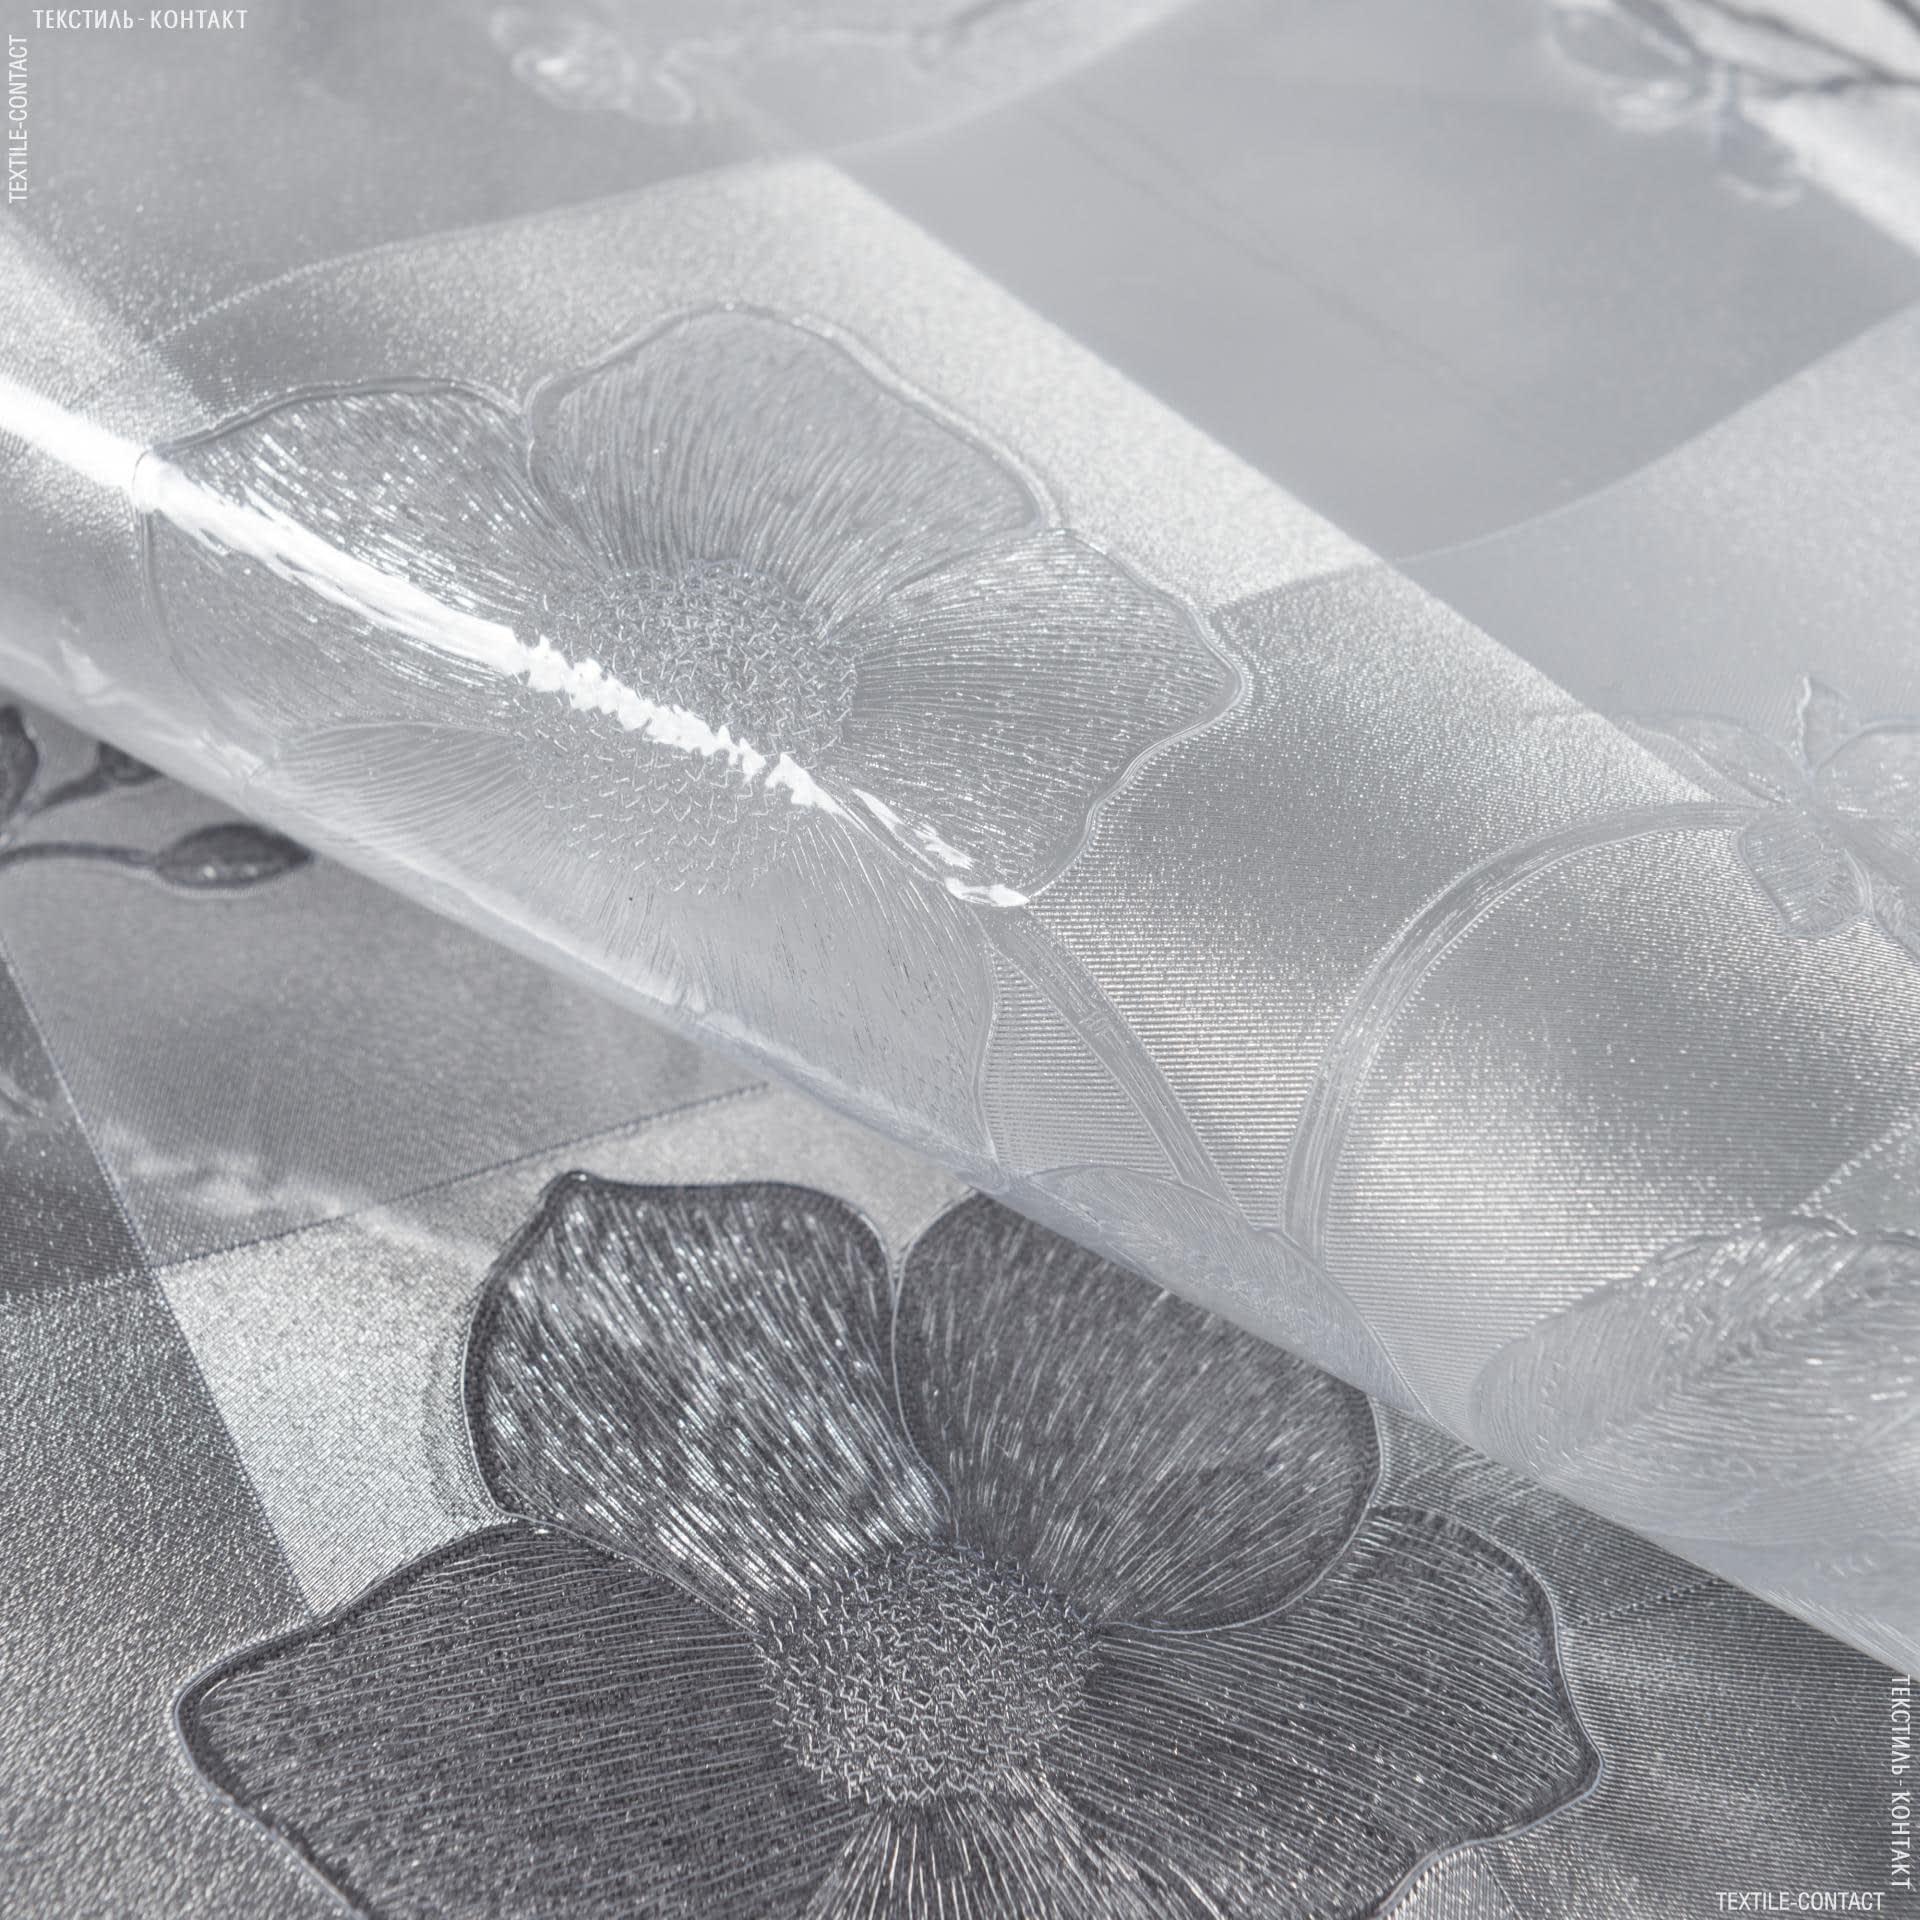 Ткани horeca - Скатертная пленка  клетка цветы